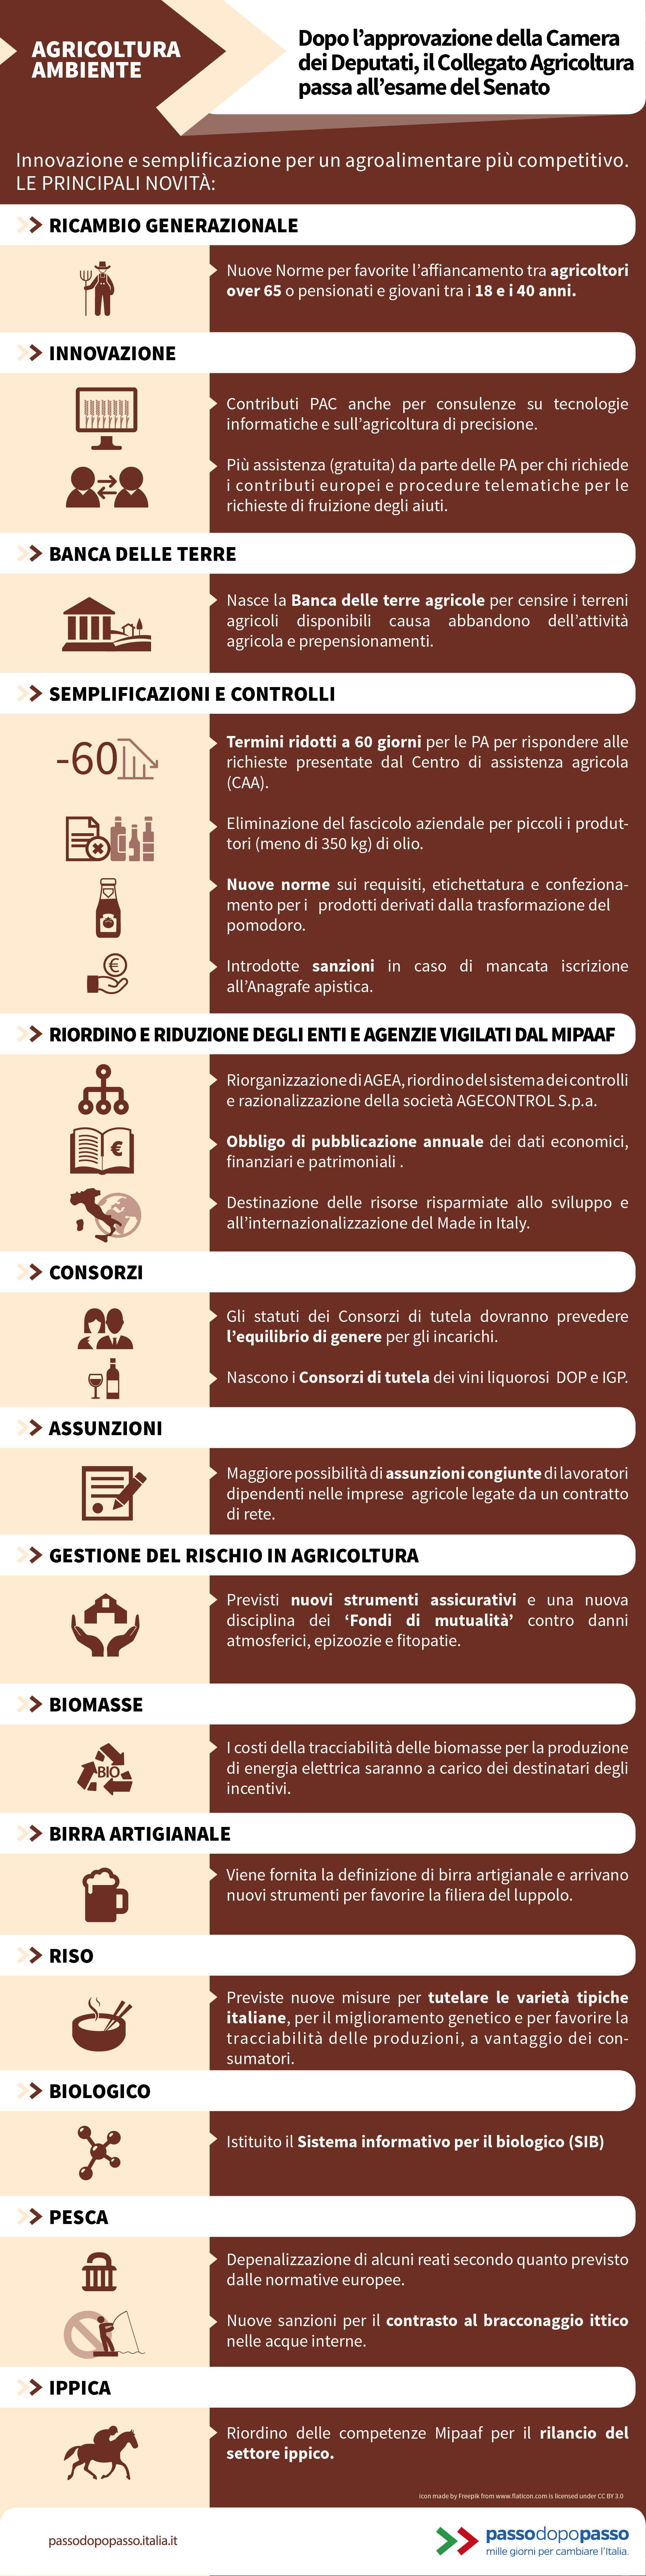 Infografica: Collegato agricoltura, le principali novità